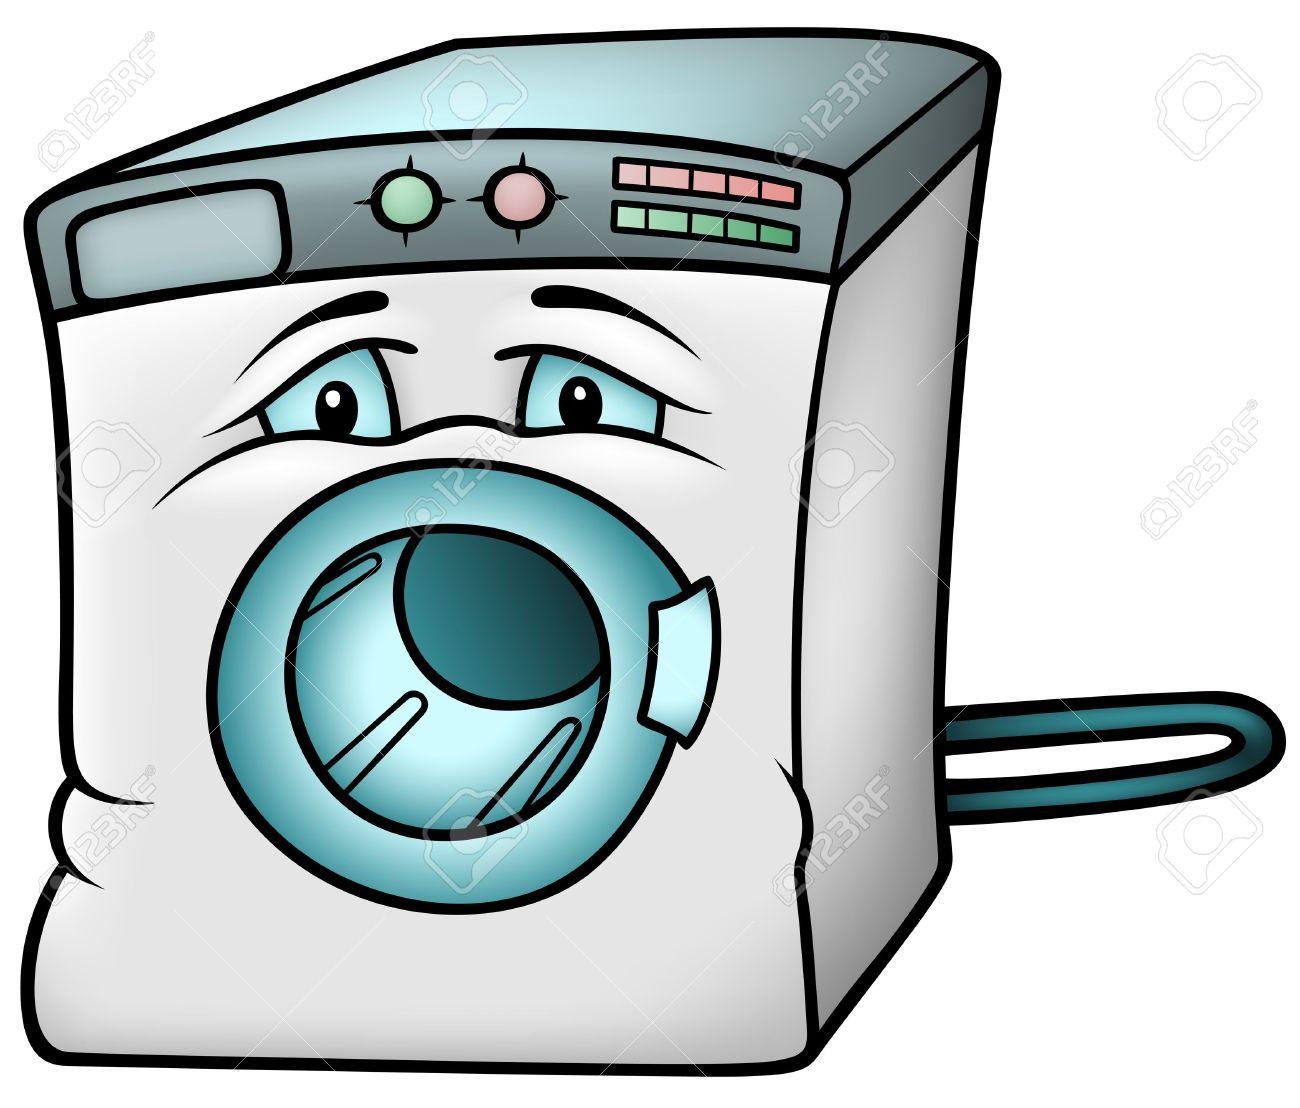 Washing machine clipart images jpg freeuse stock Broken Washing Machine Clip Art – Clipart Free Download jpg freeuse stock